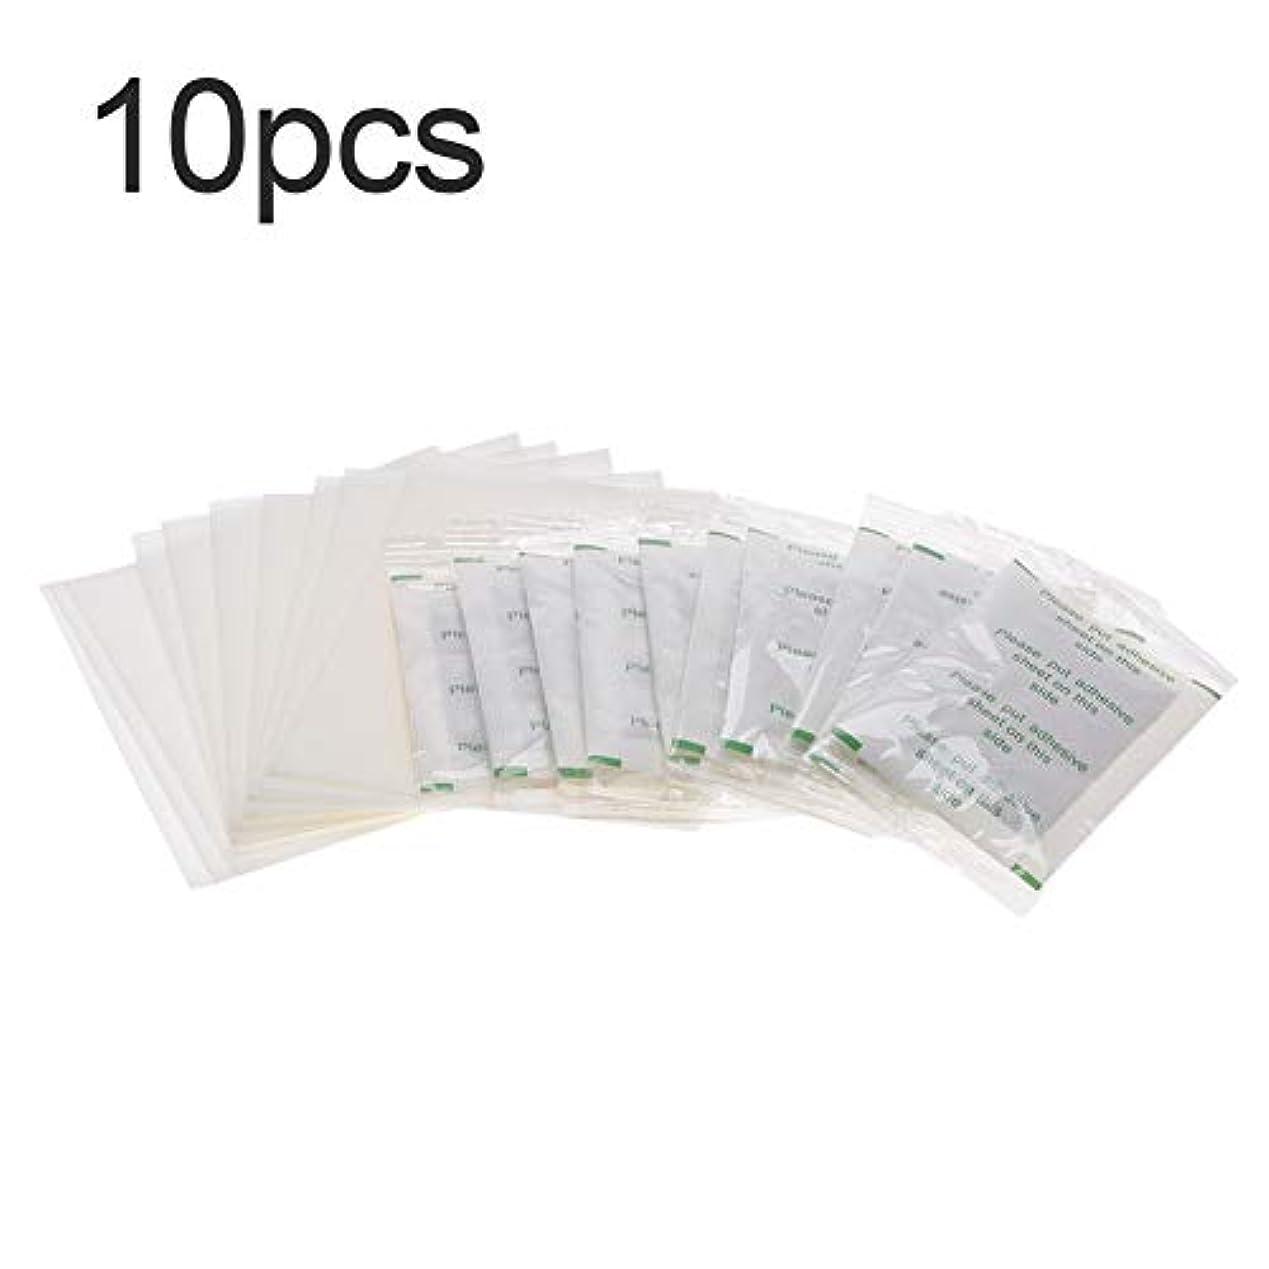 スプレーメモ等価フットパッド、Wormwood Foot Patch Premium(フットケア用)(10個)